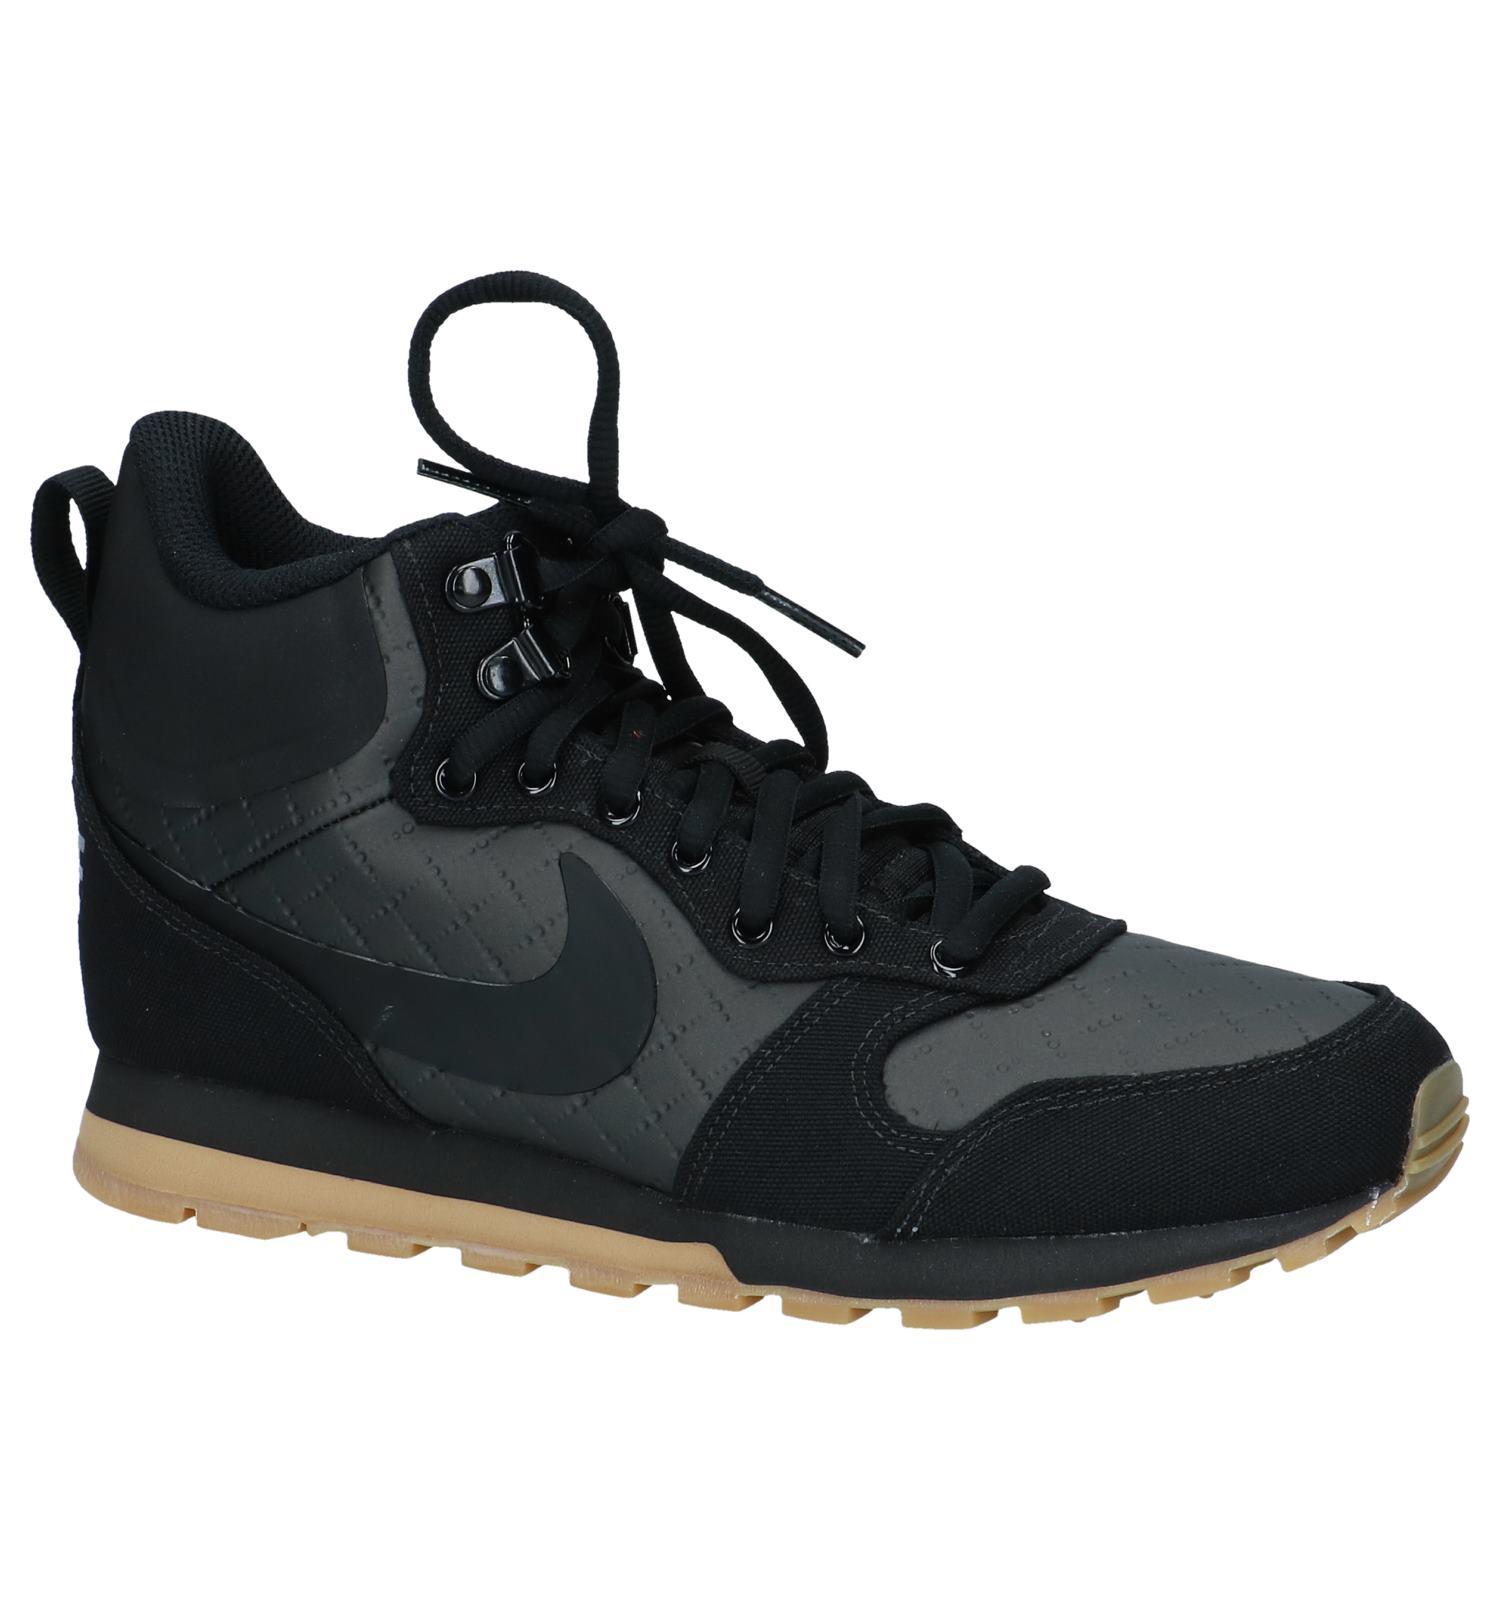 459f91a3b22 Nike MD Runner 2 Mid Hoge Sneakers   TORFS.BE   Gratis verzend en retour